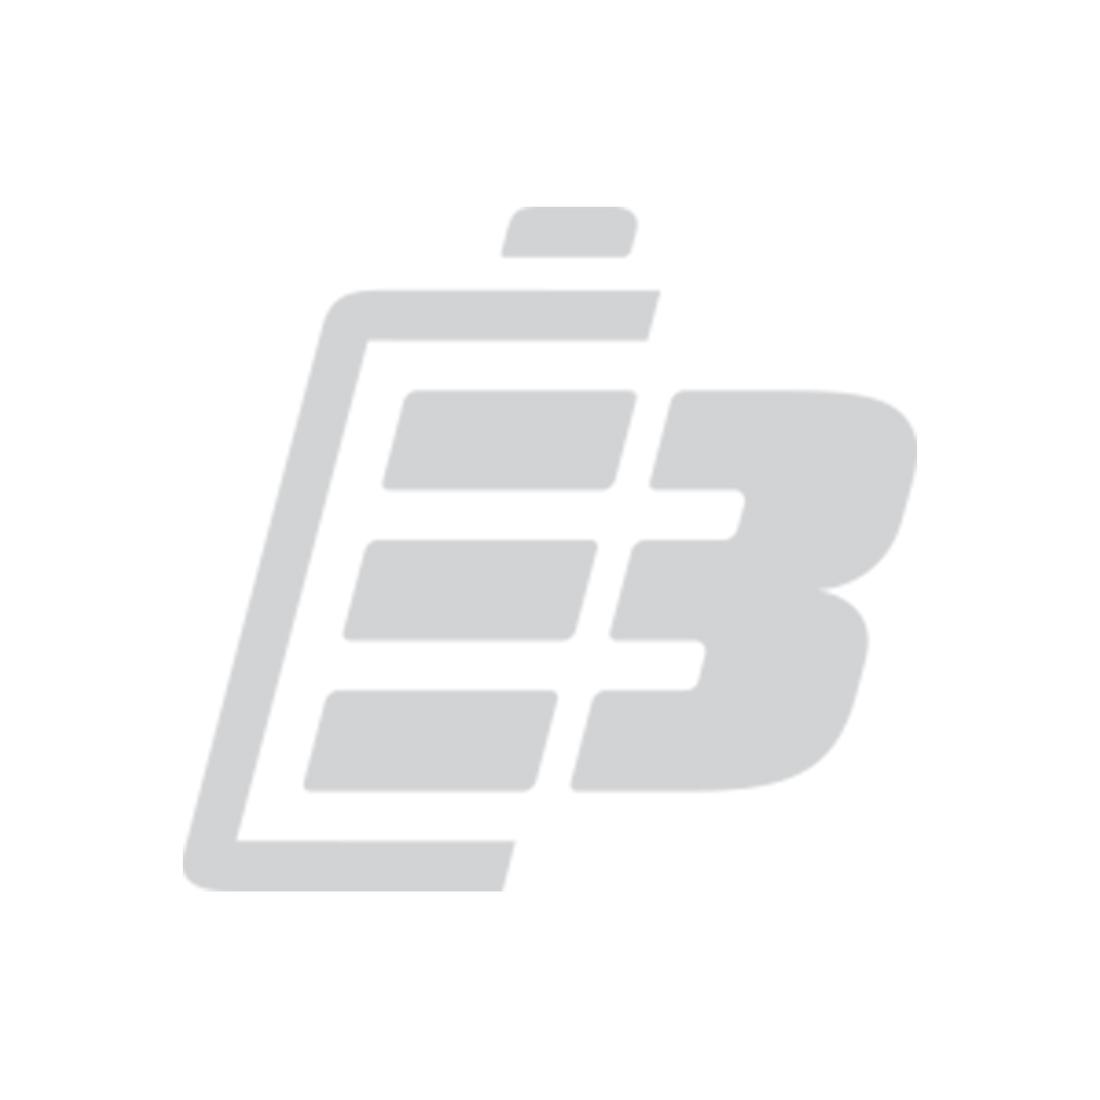 Cordless phone battery Panasonic HHR-P303_1